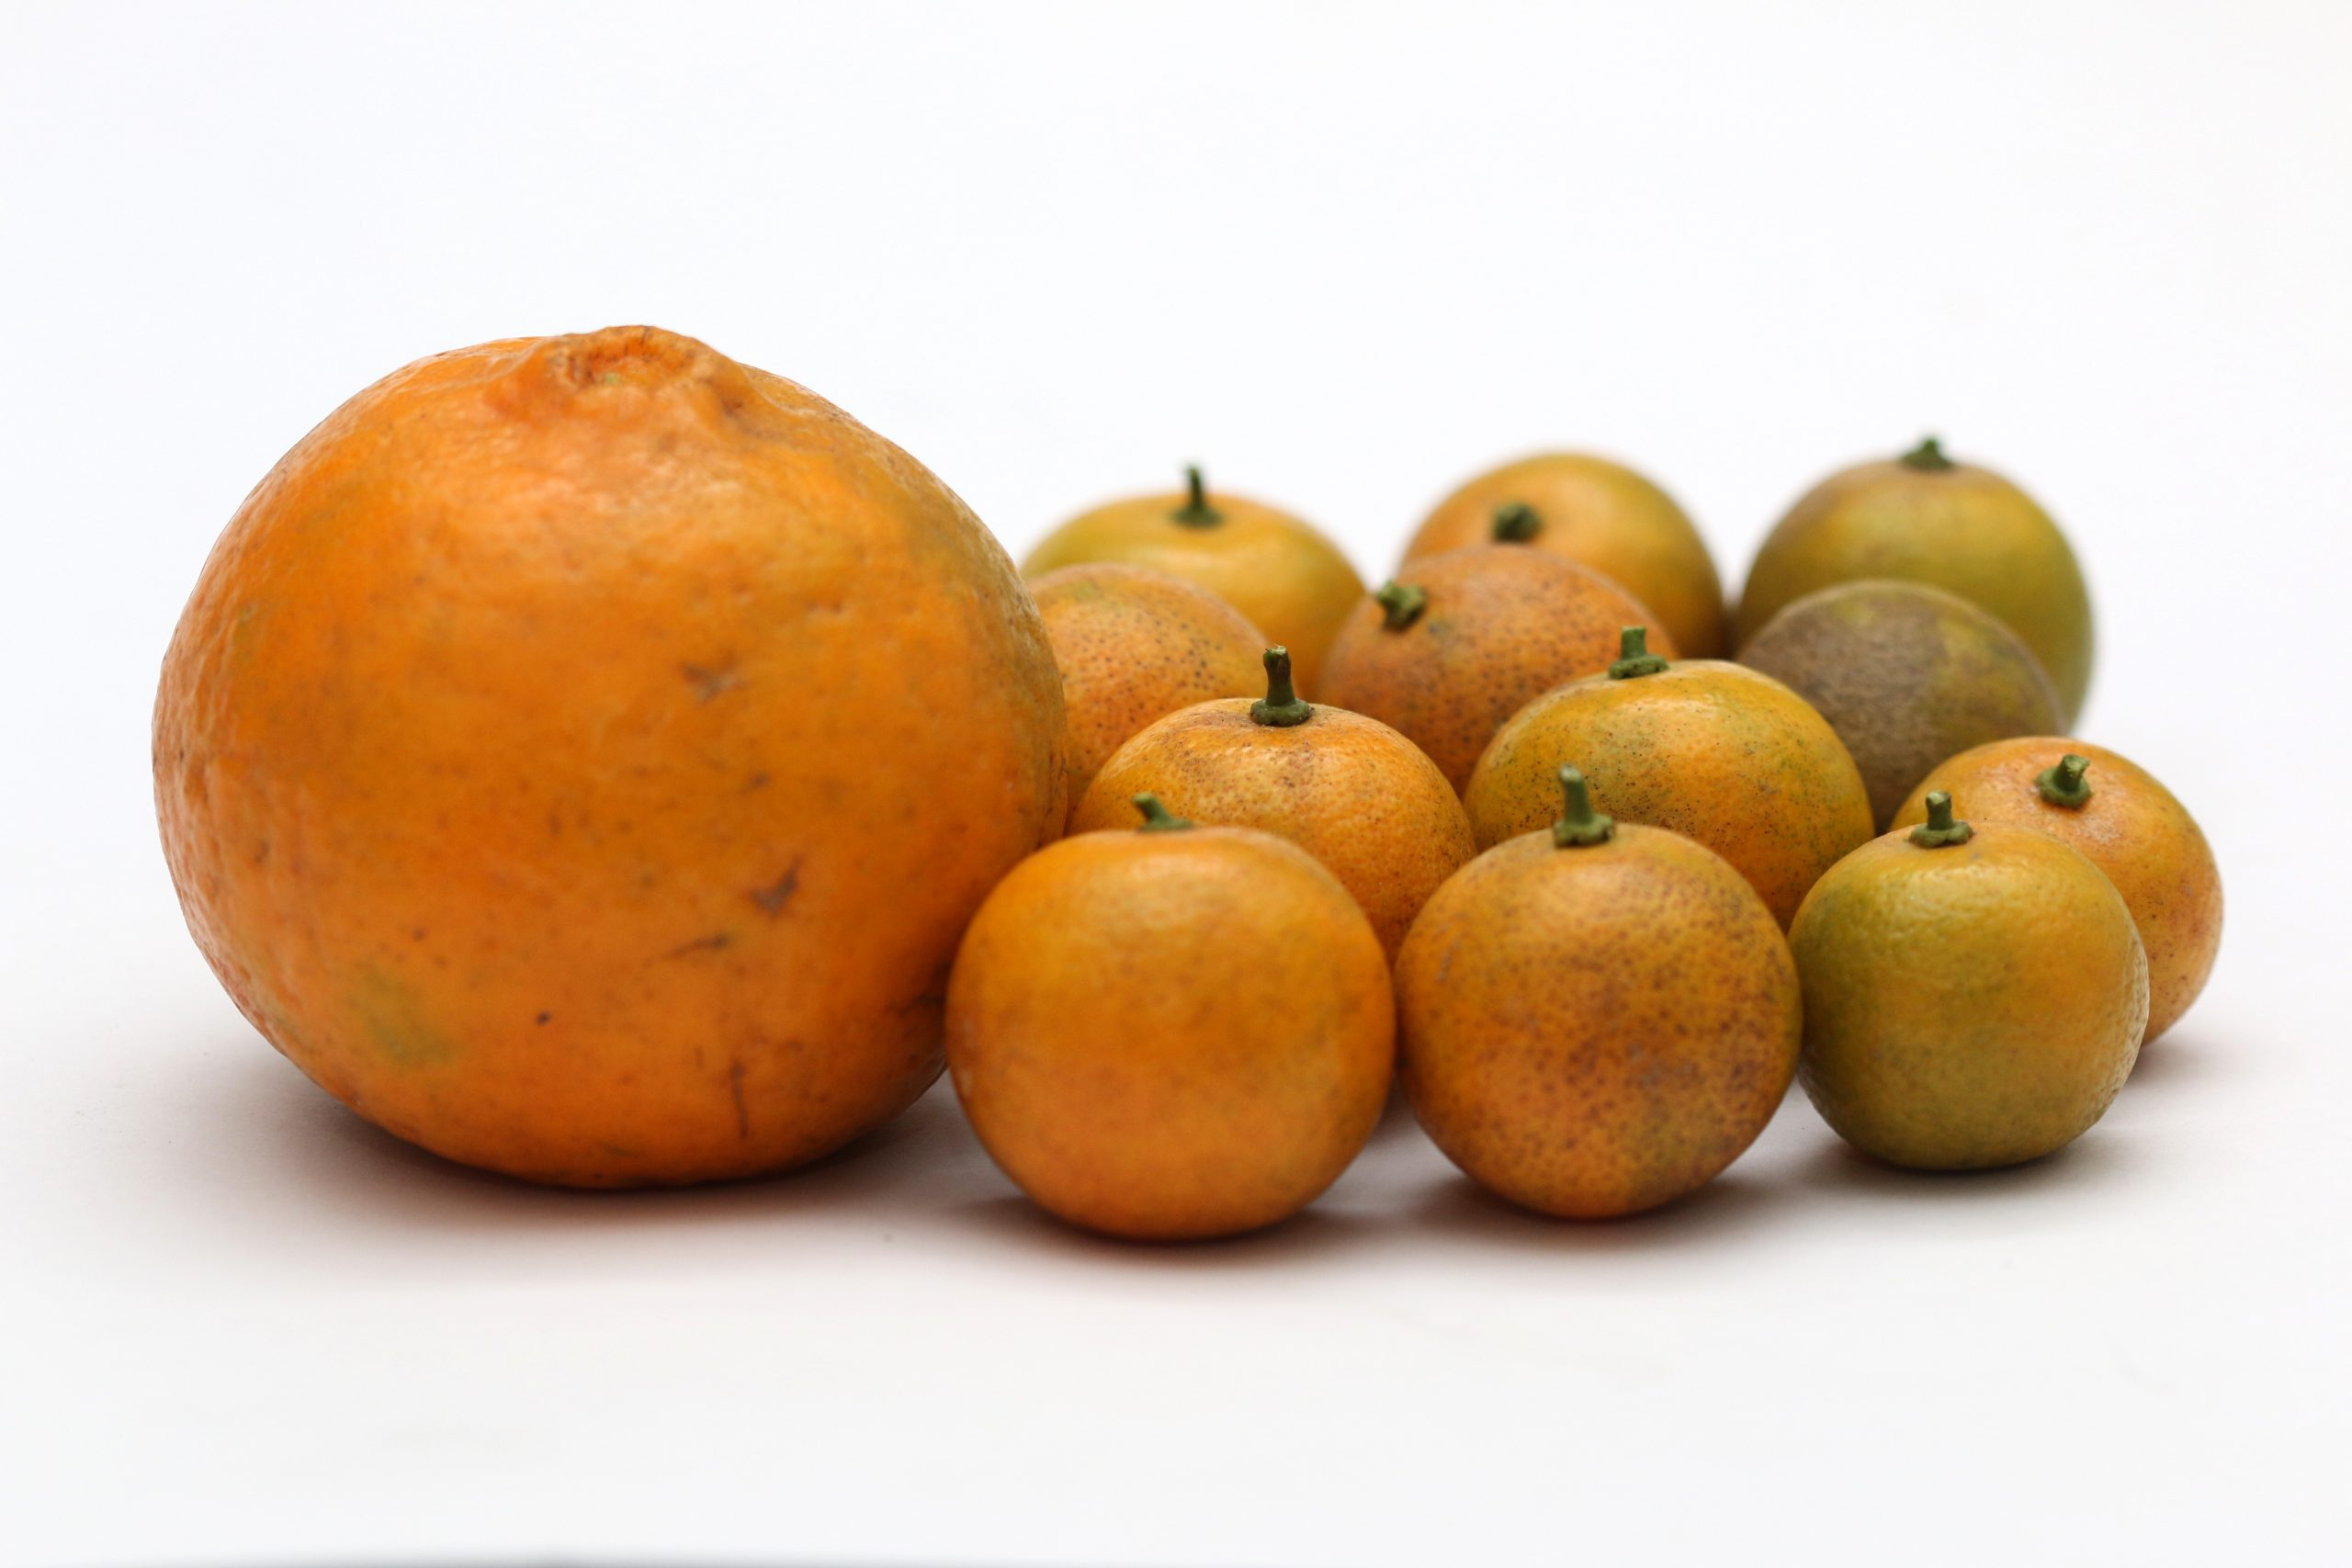 Calamansi and oranges